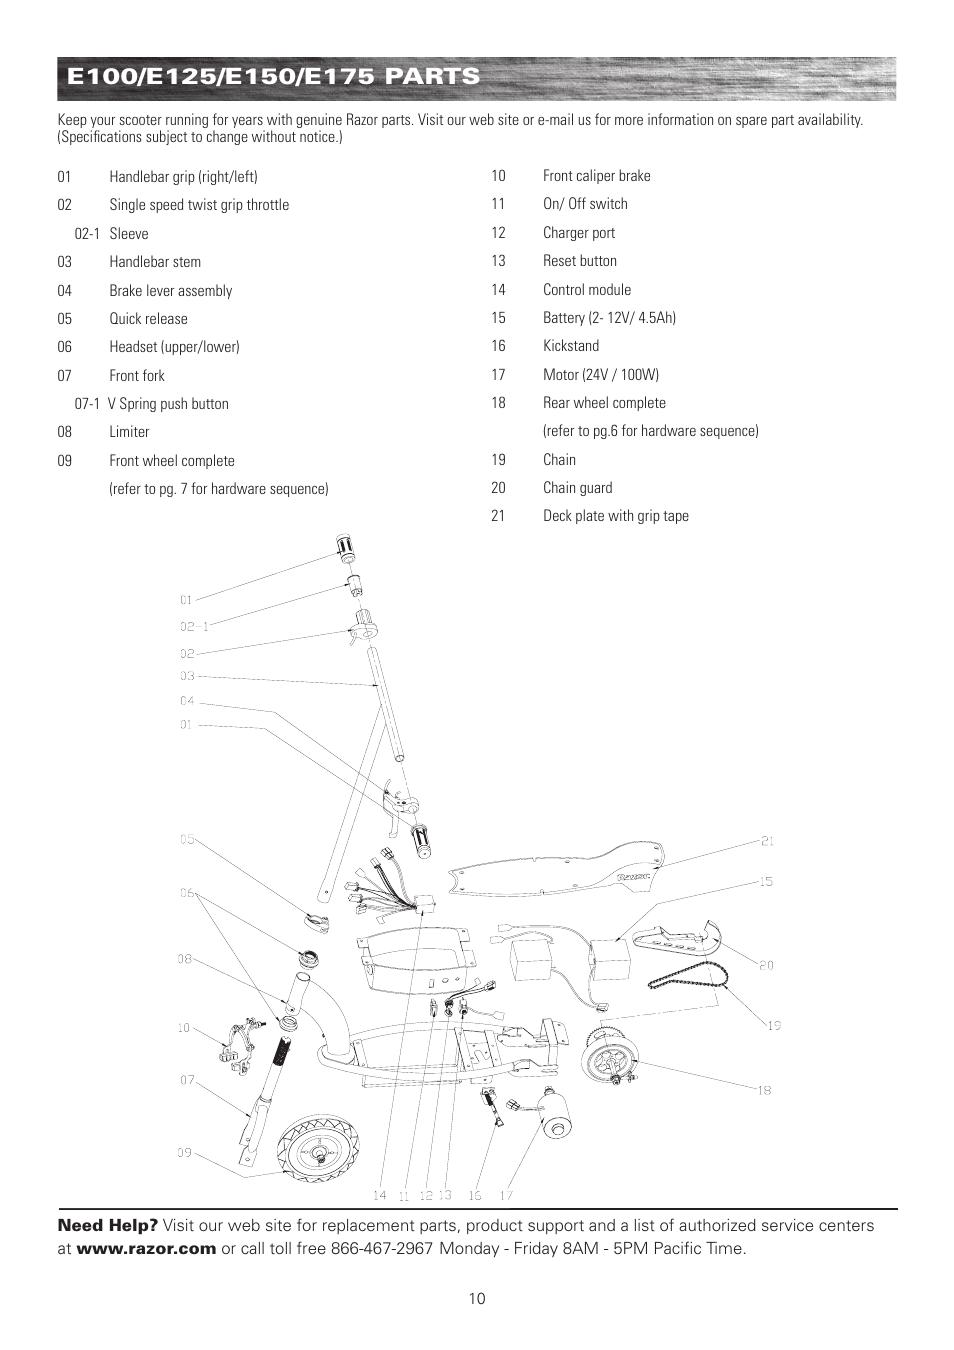 Razor E100 User Manual